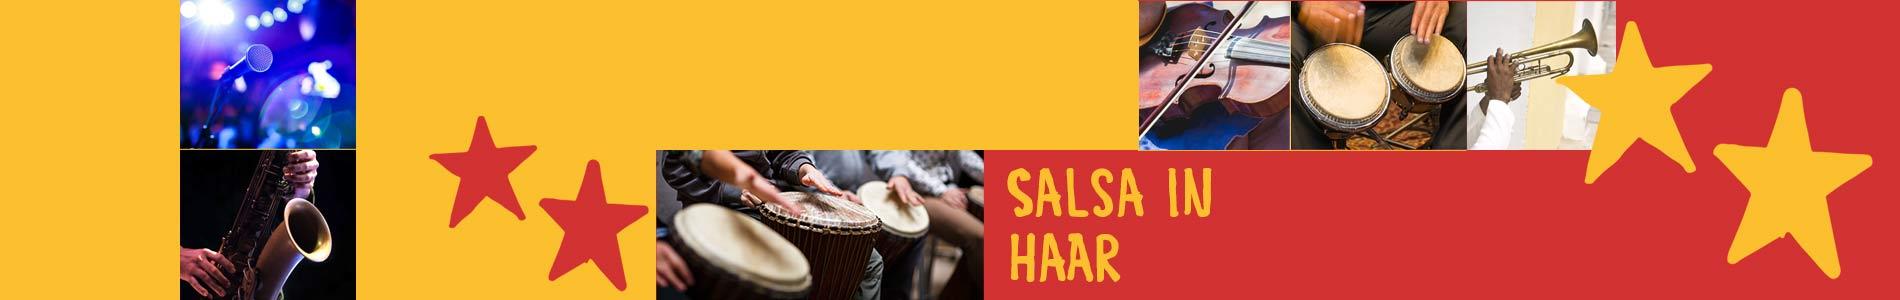 Salsa in Haar – Salsa lernen und tanzen, Tanzkurse, Partys, Veranstaltungen